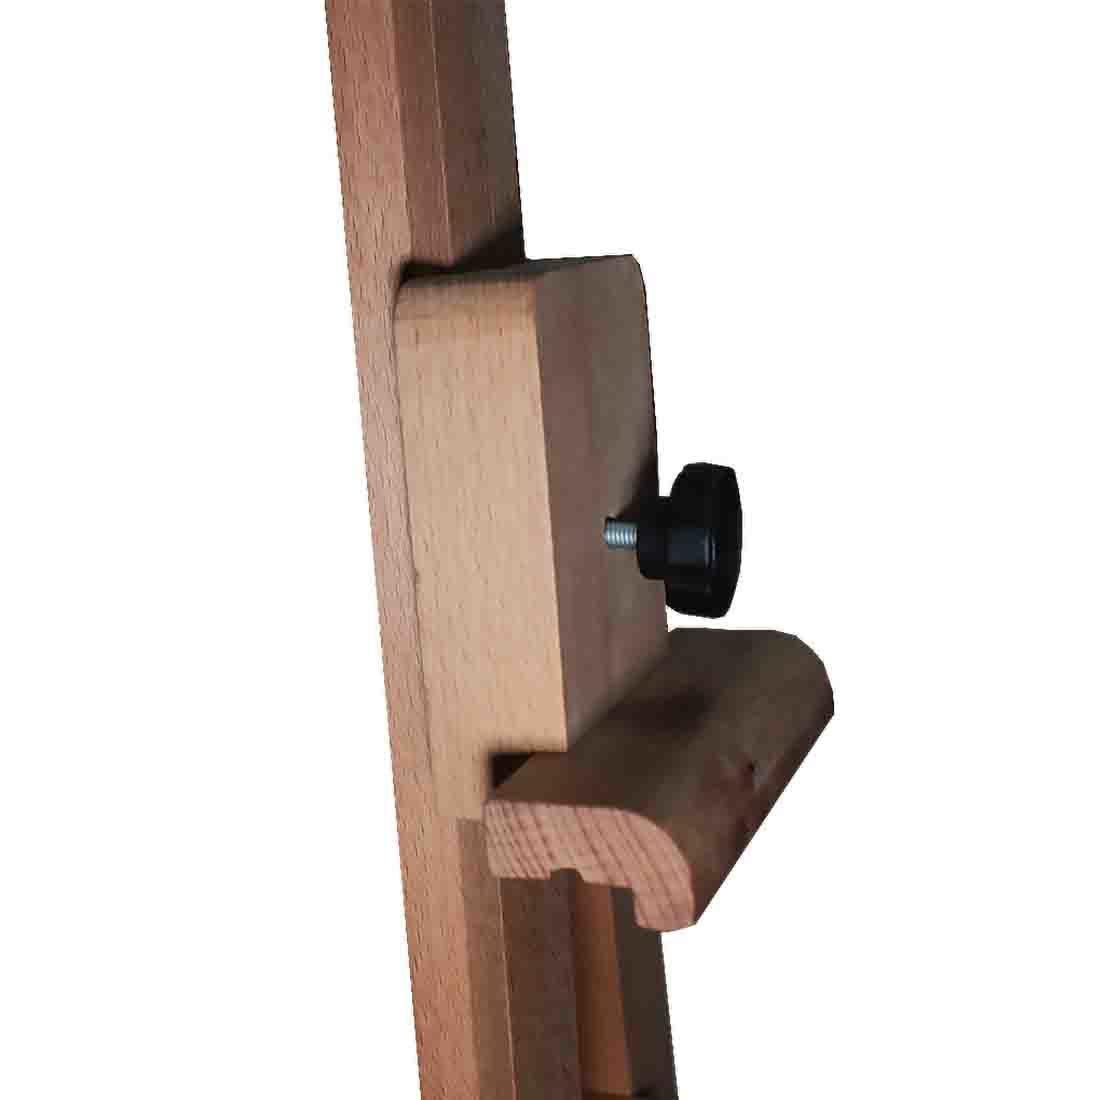 Зажим подъемного механизма мольберта студийного м 41 фото 2